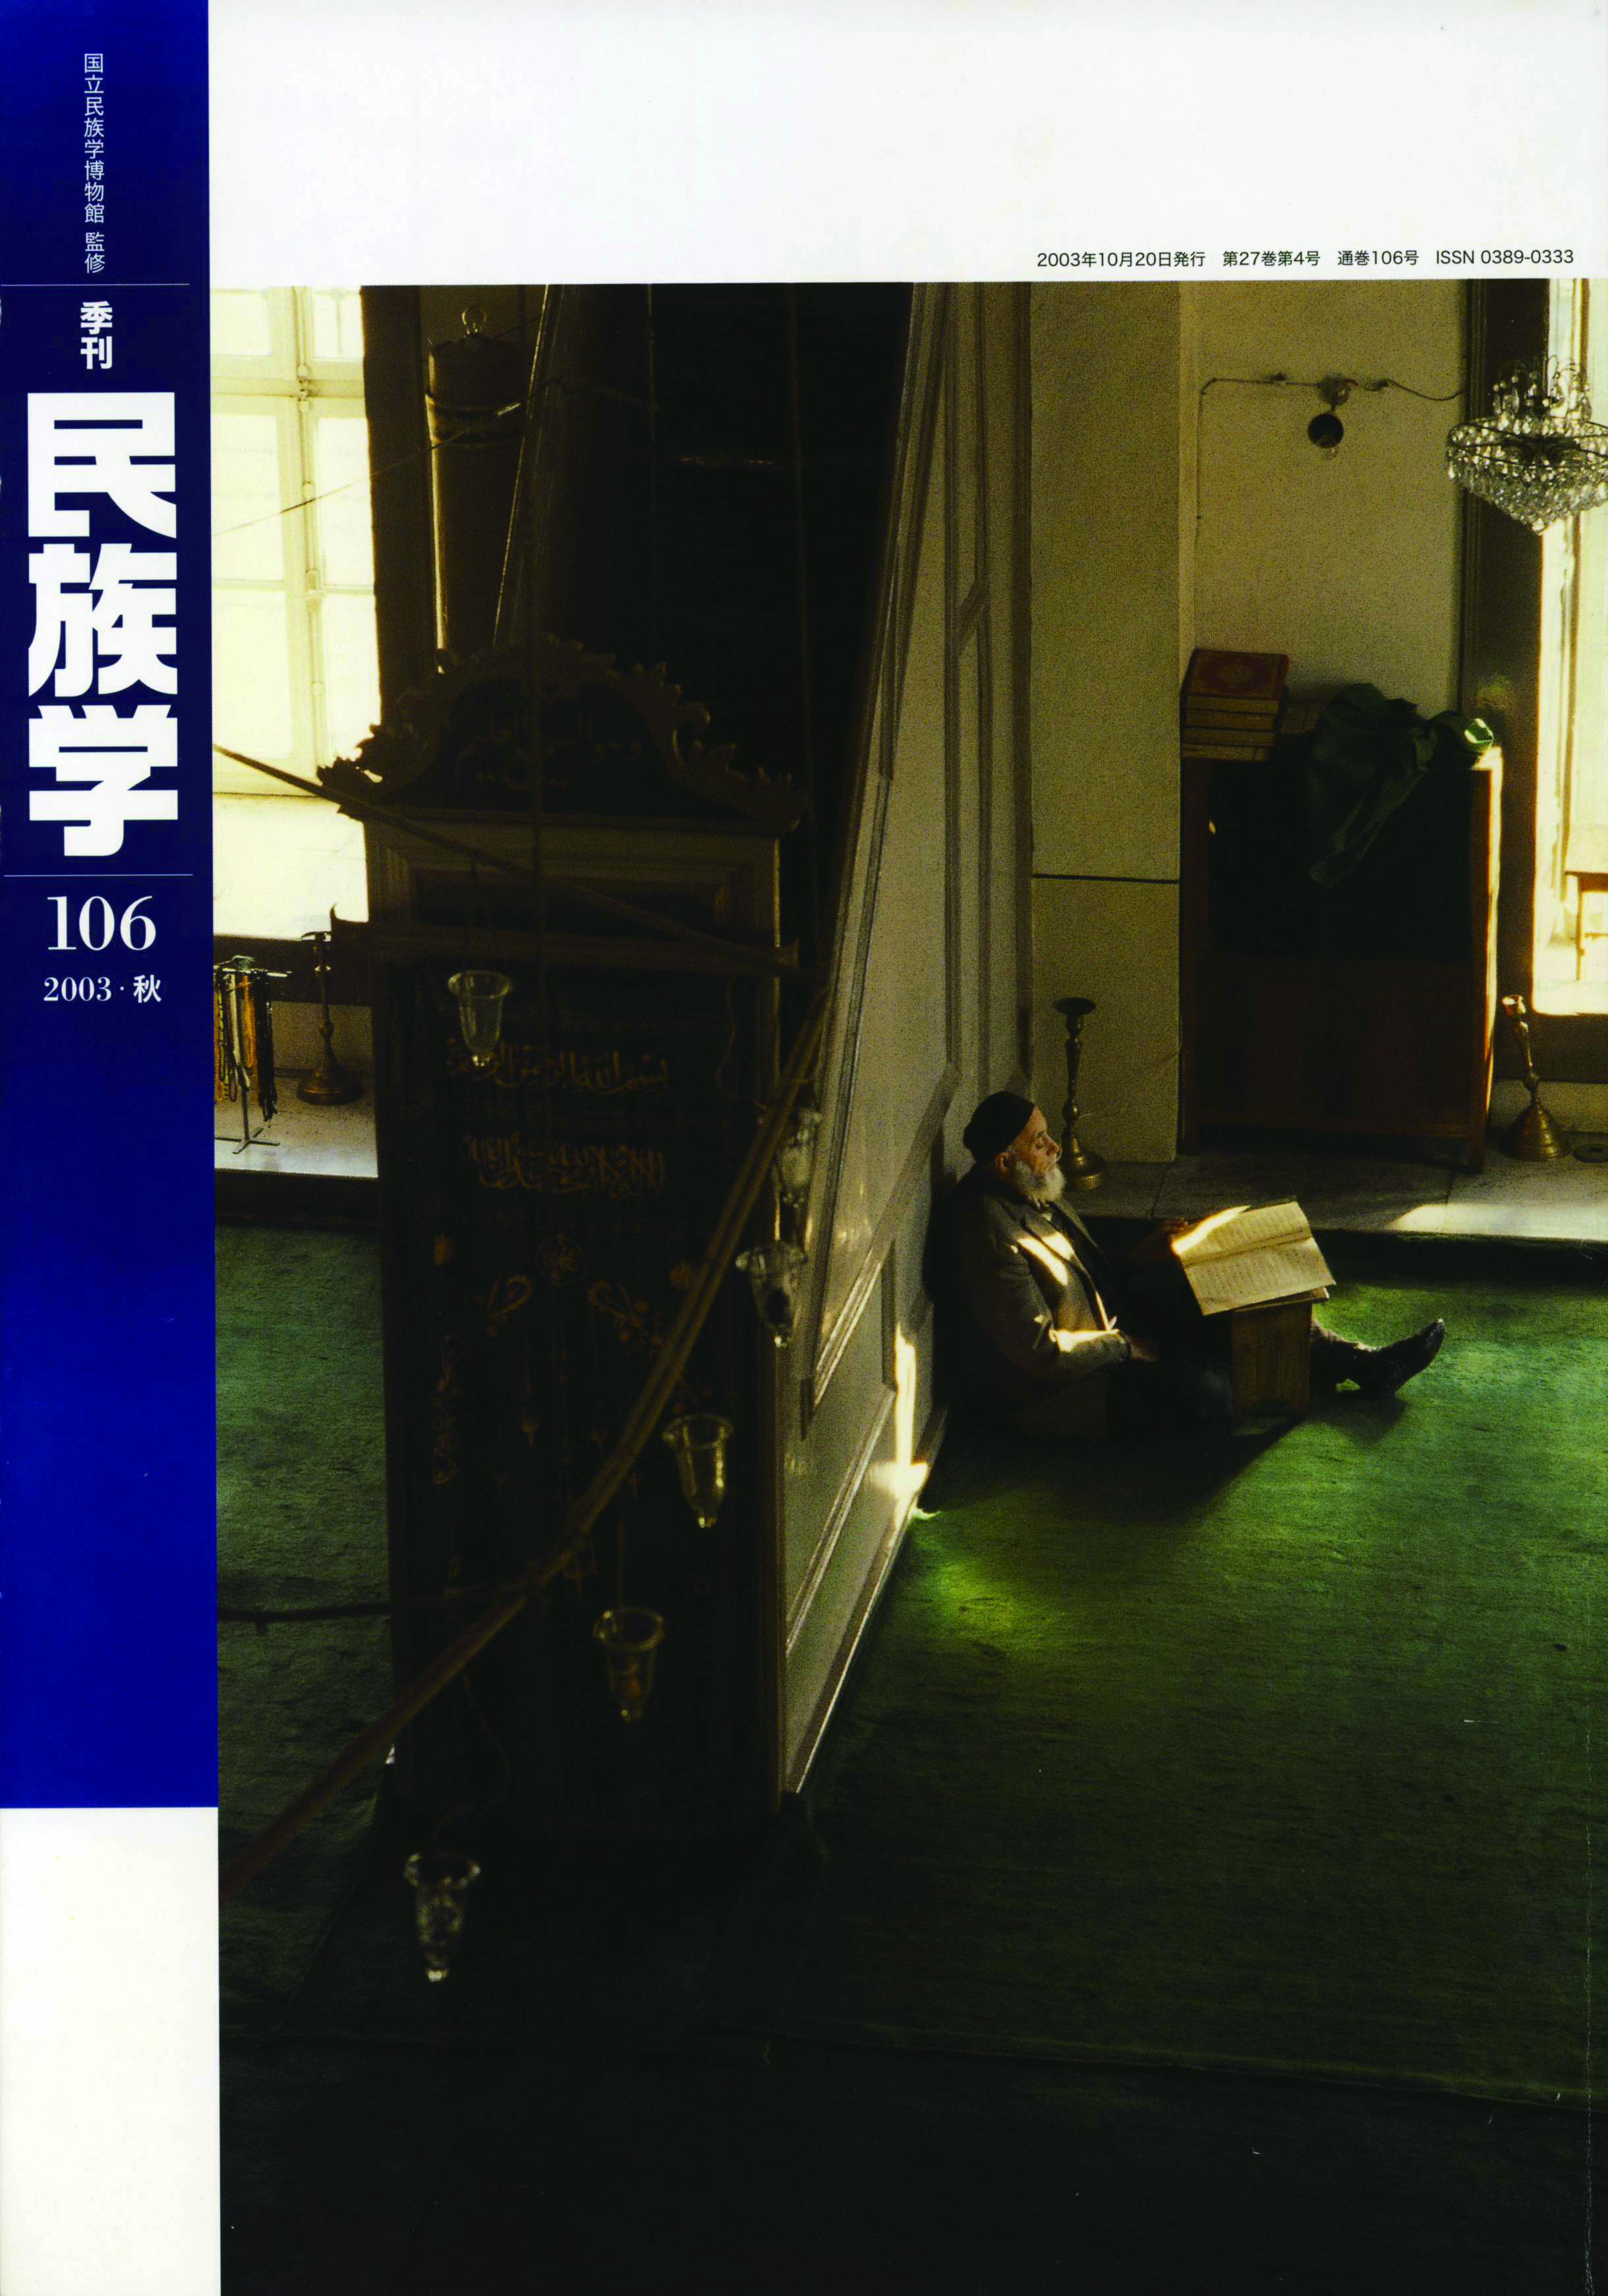 106号 2003年 秋